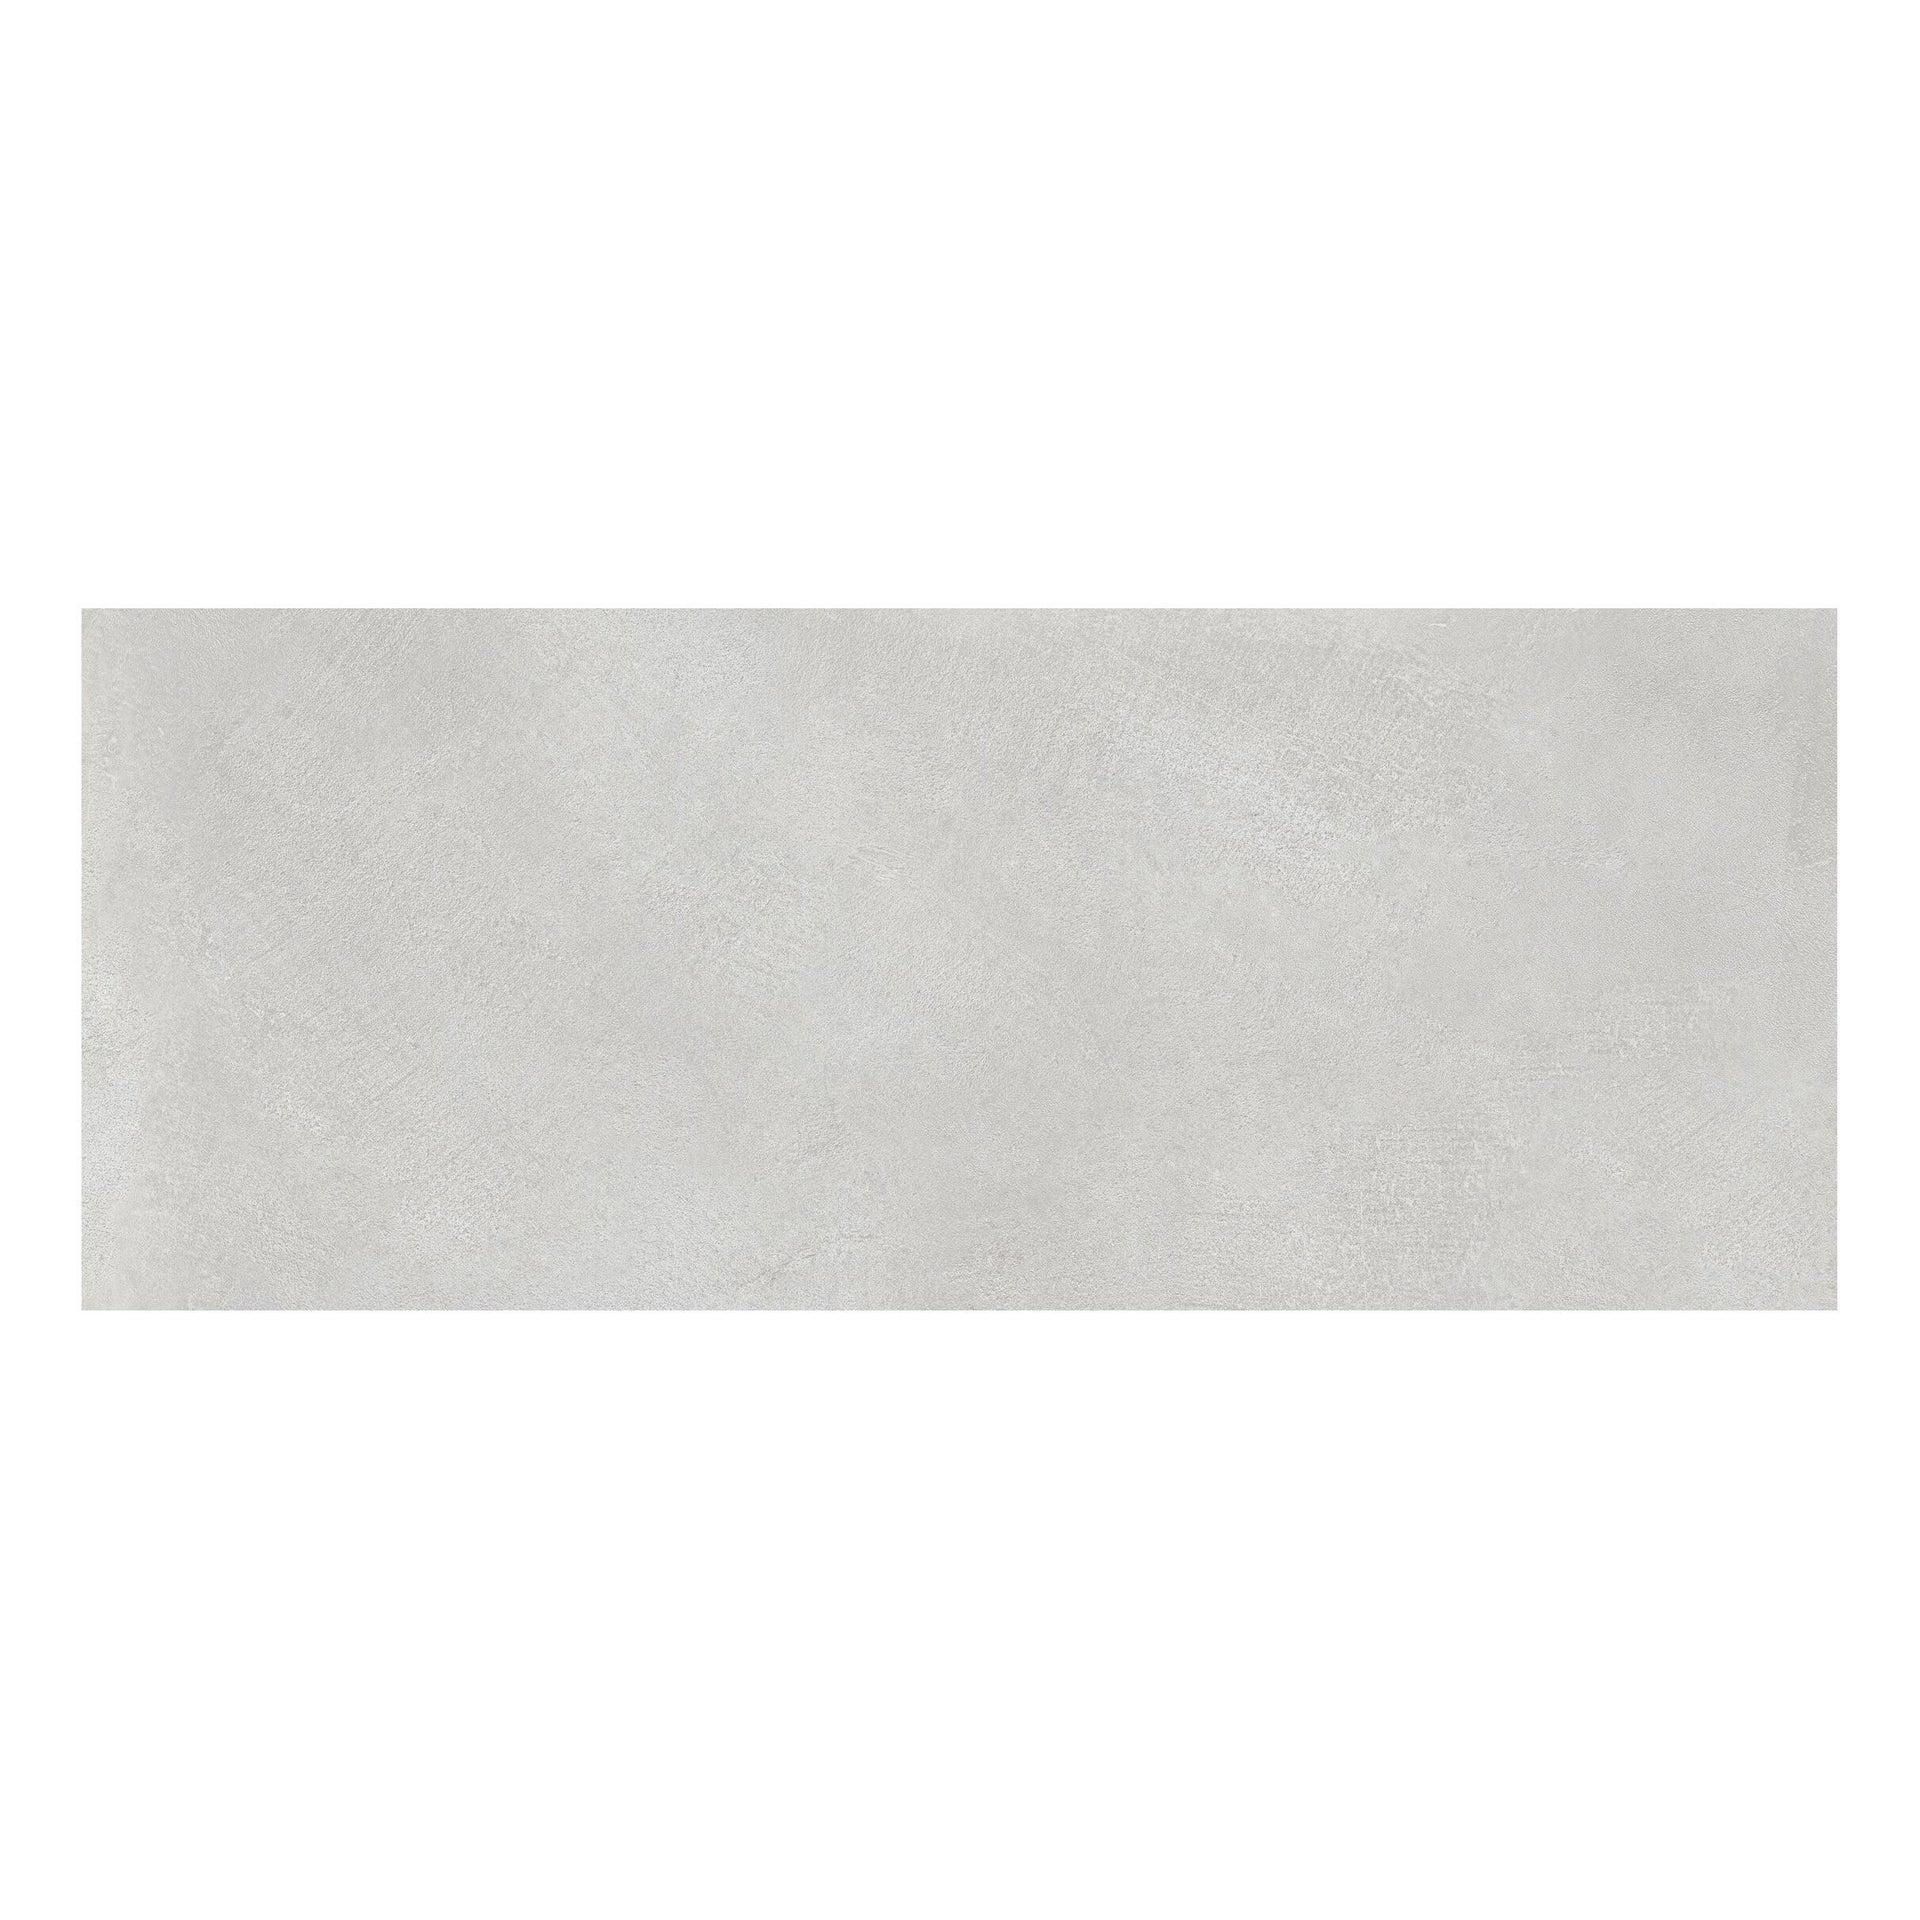 Piastrella per rivestimenti Victoria 25 x 60 cm sp. 8 mm grigio - 2